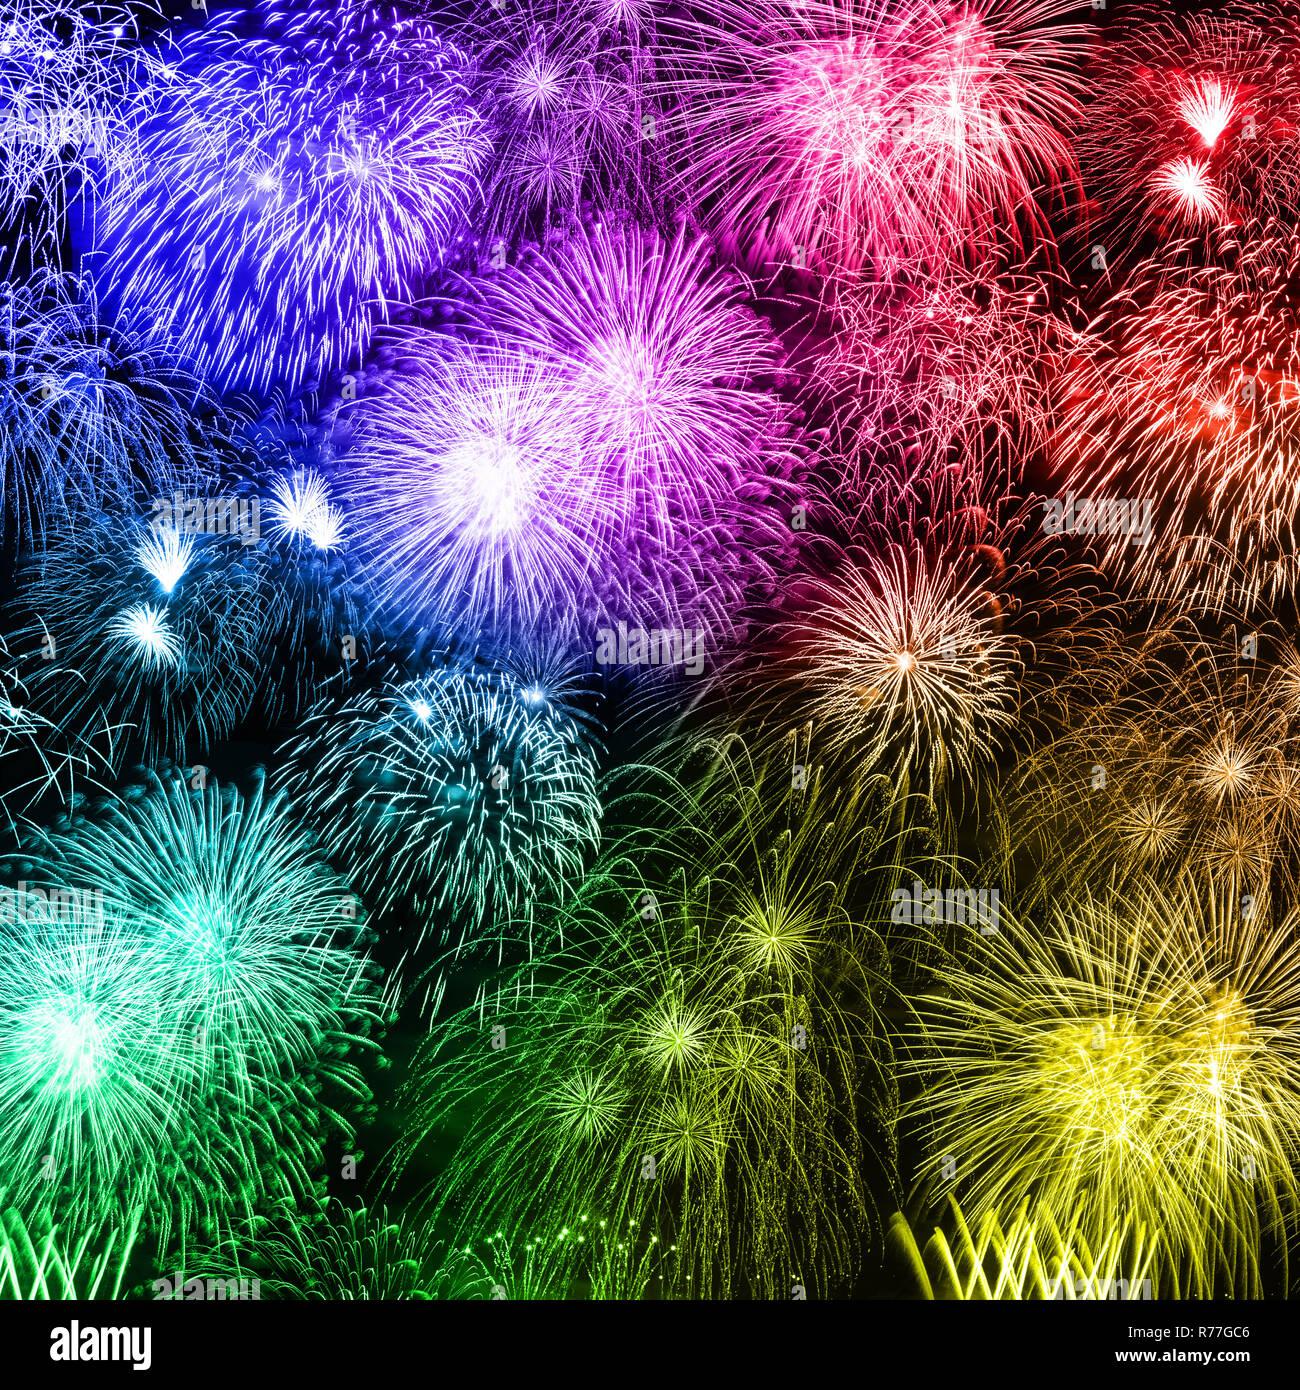 De víspera de Año Nuevo con fuegos artificiales de fondo cuadrado año años coloridos fondos de fuegos artificiales Foto de stock